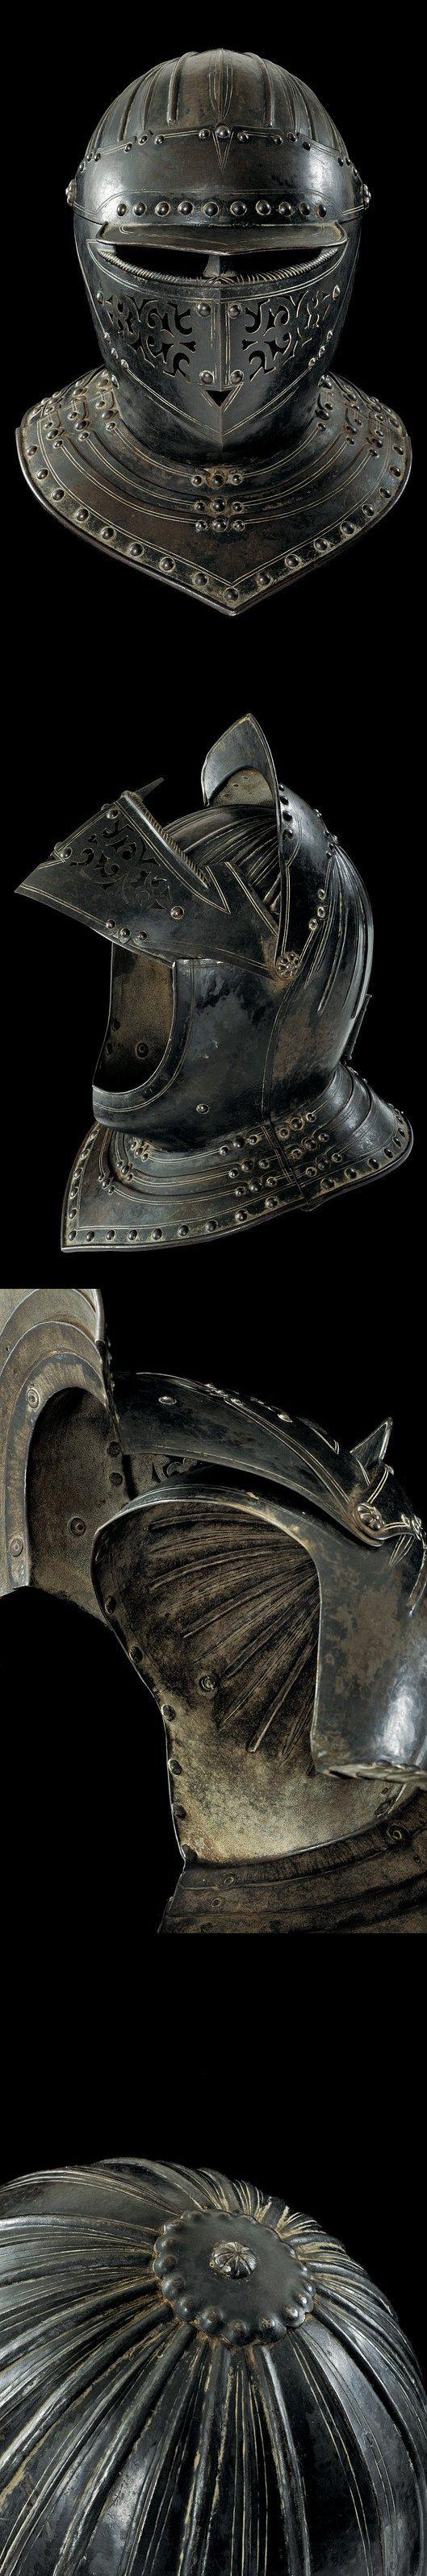 ELMO - Capacete usado nas armaduras medievais